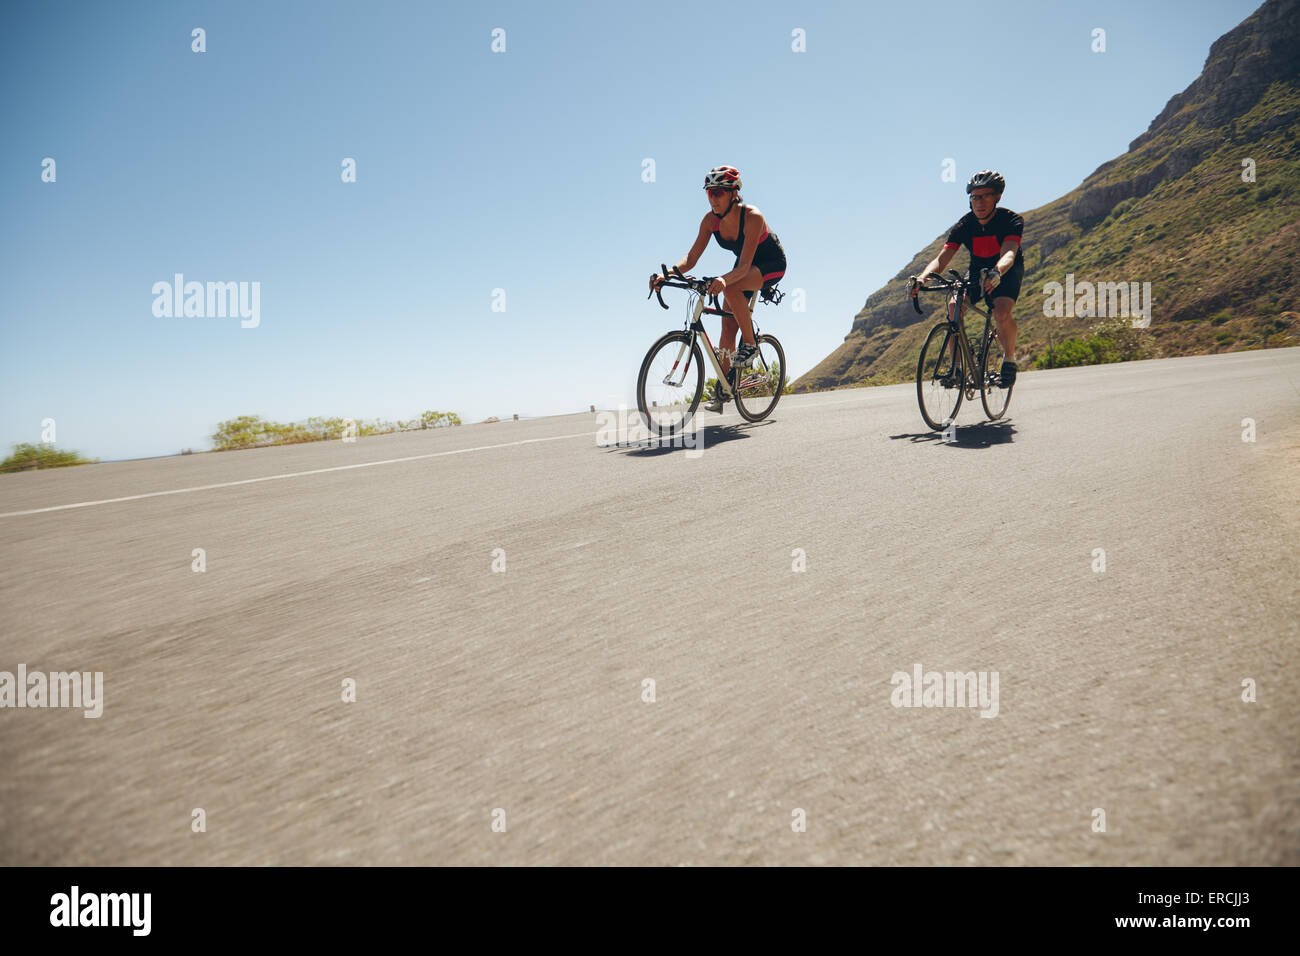 Los atletas que compiten en la pierna de ciclismo del triatlón. Triatletas ciclismo en abrir caminos. Ciclista Imagen De Stock